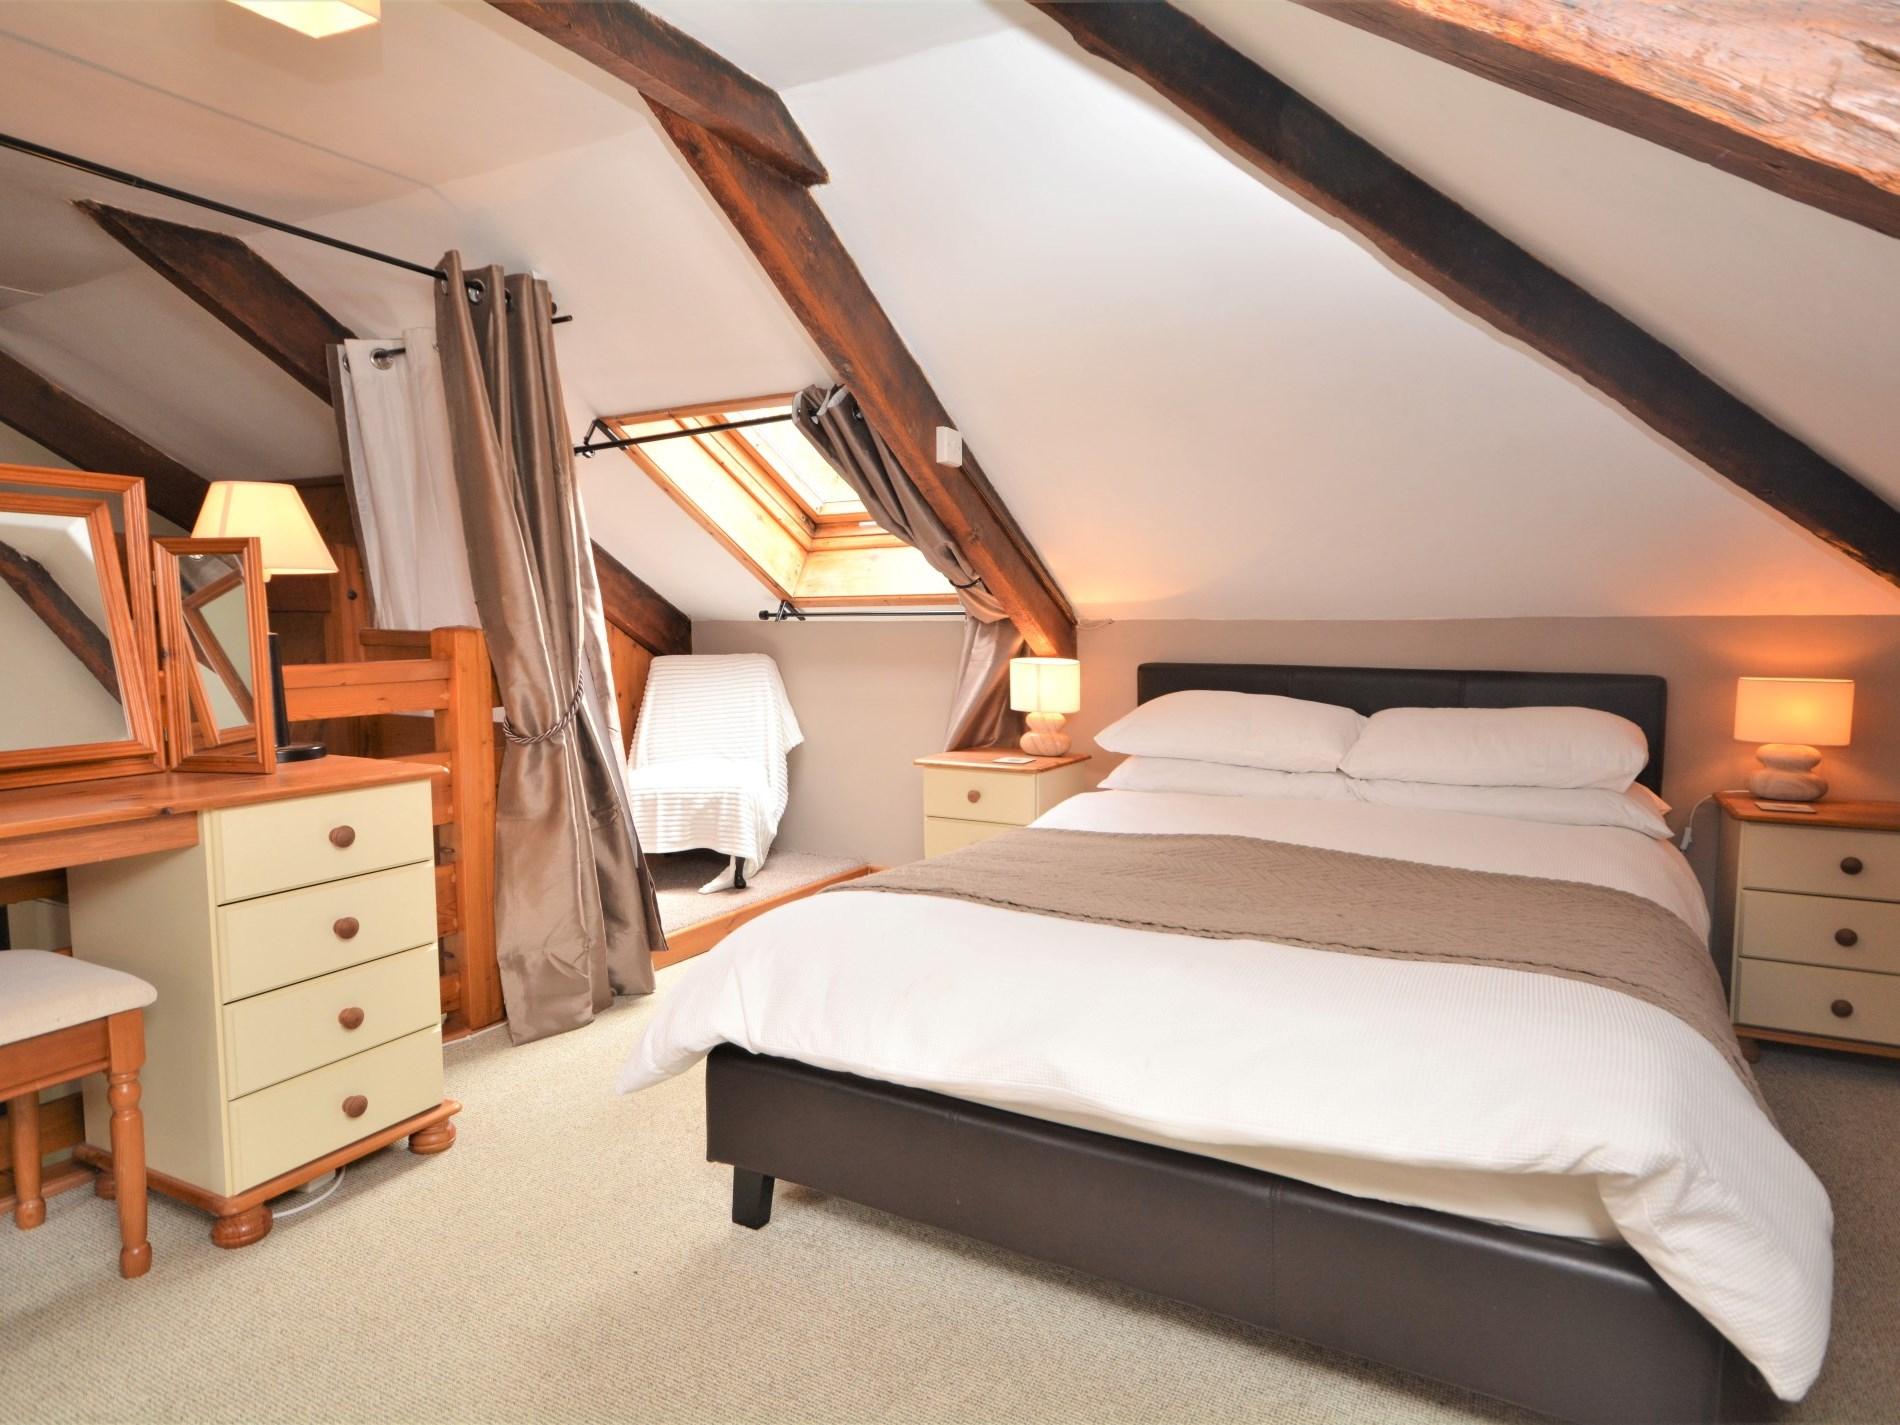 3 Bedroom Barn in North Cornwall, Cornwall